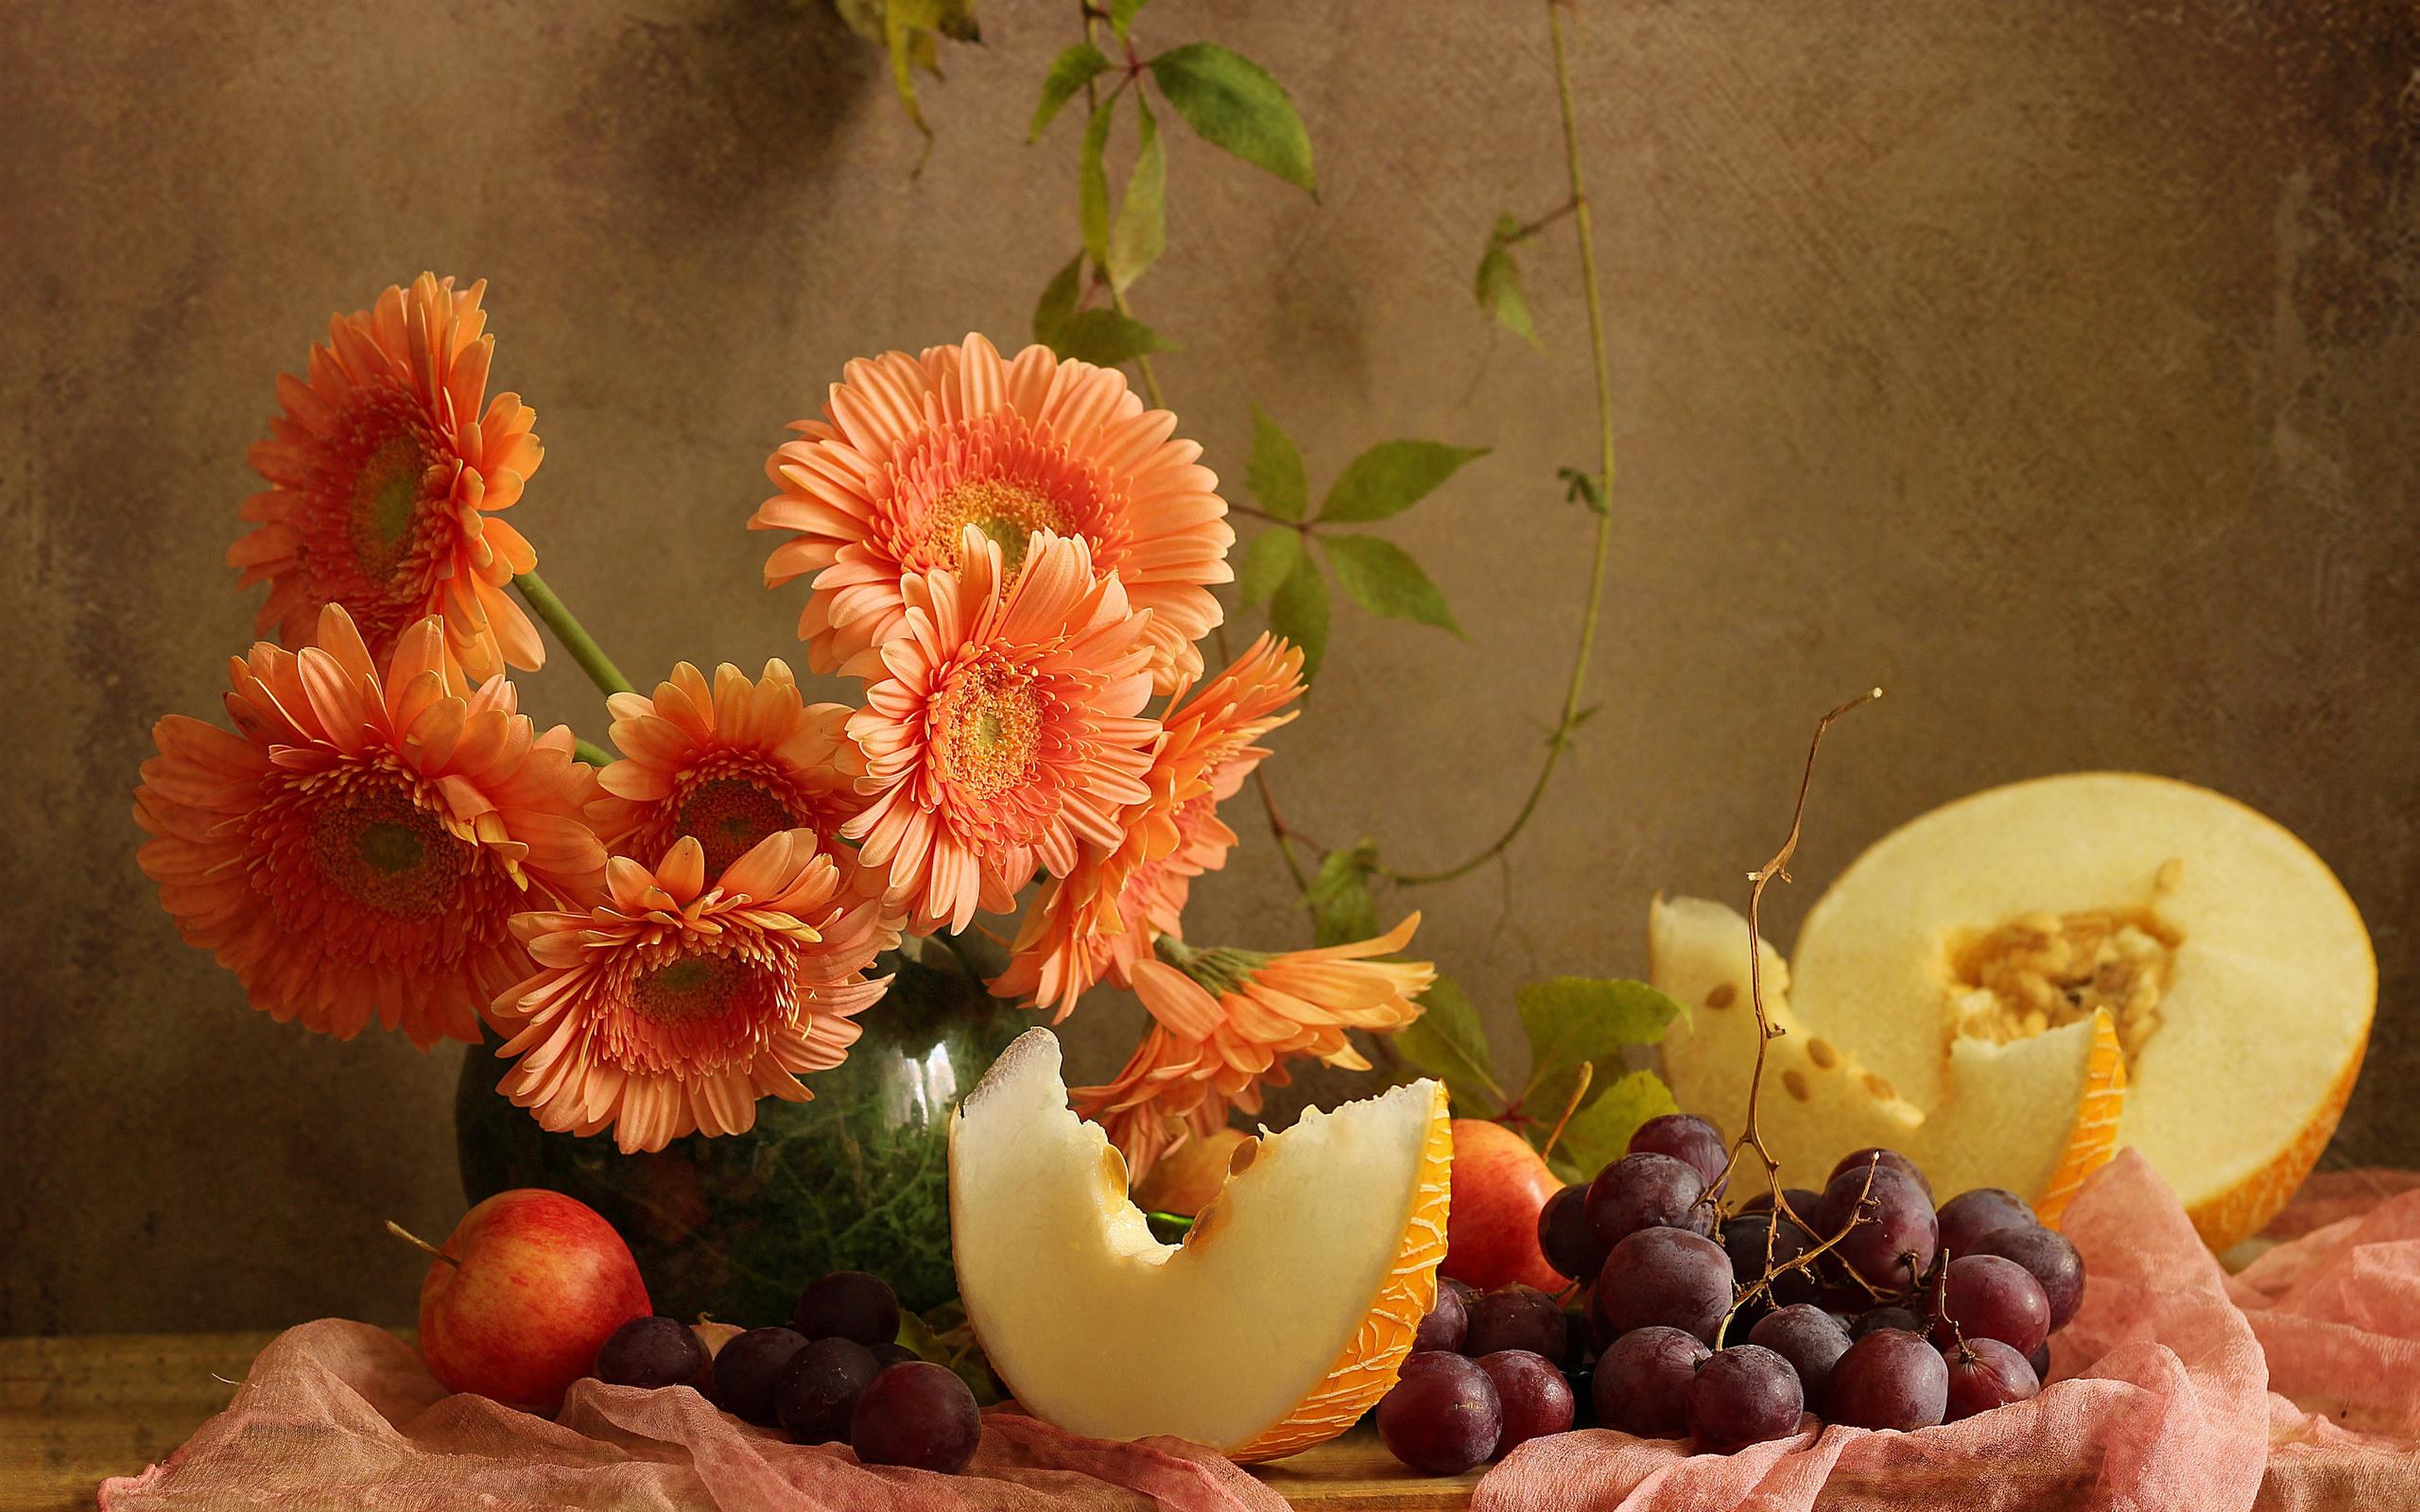 заслуга картинки с фруктами и цветами фото приготовить ароматное